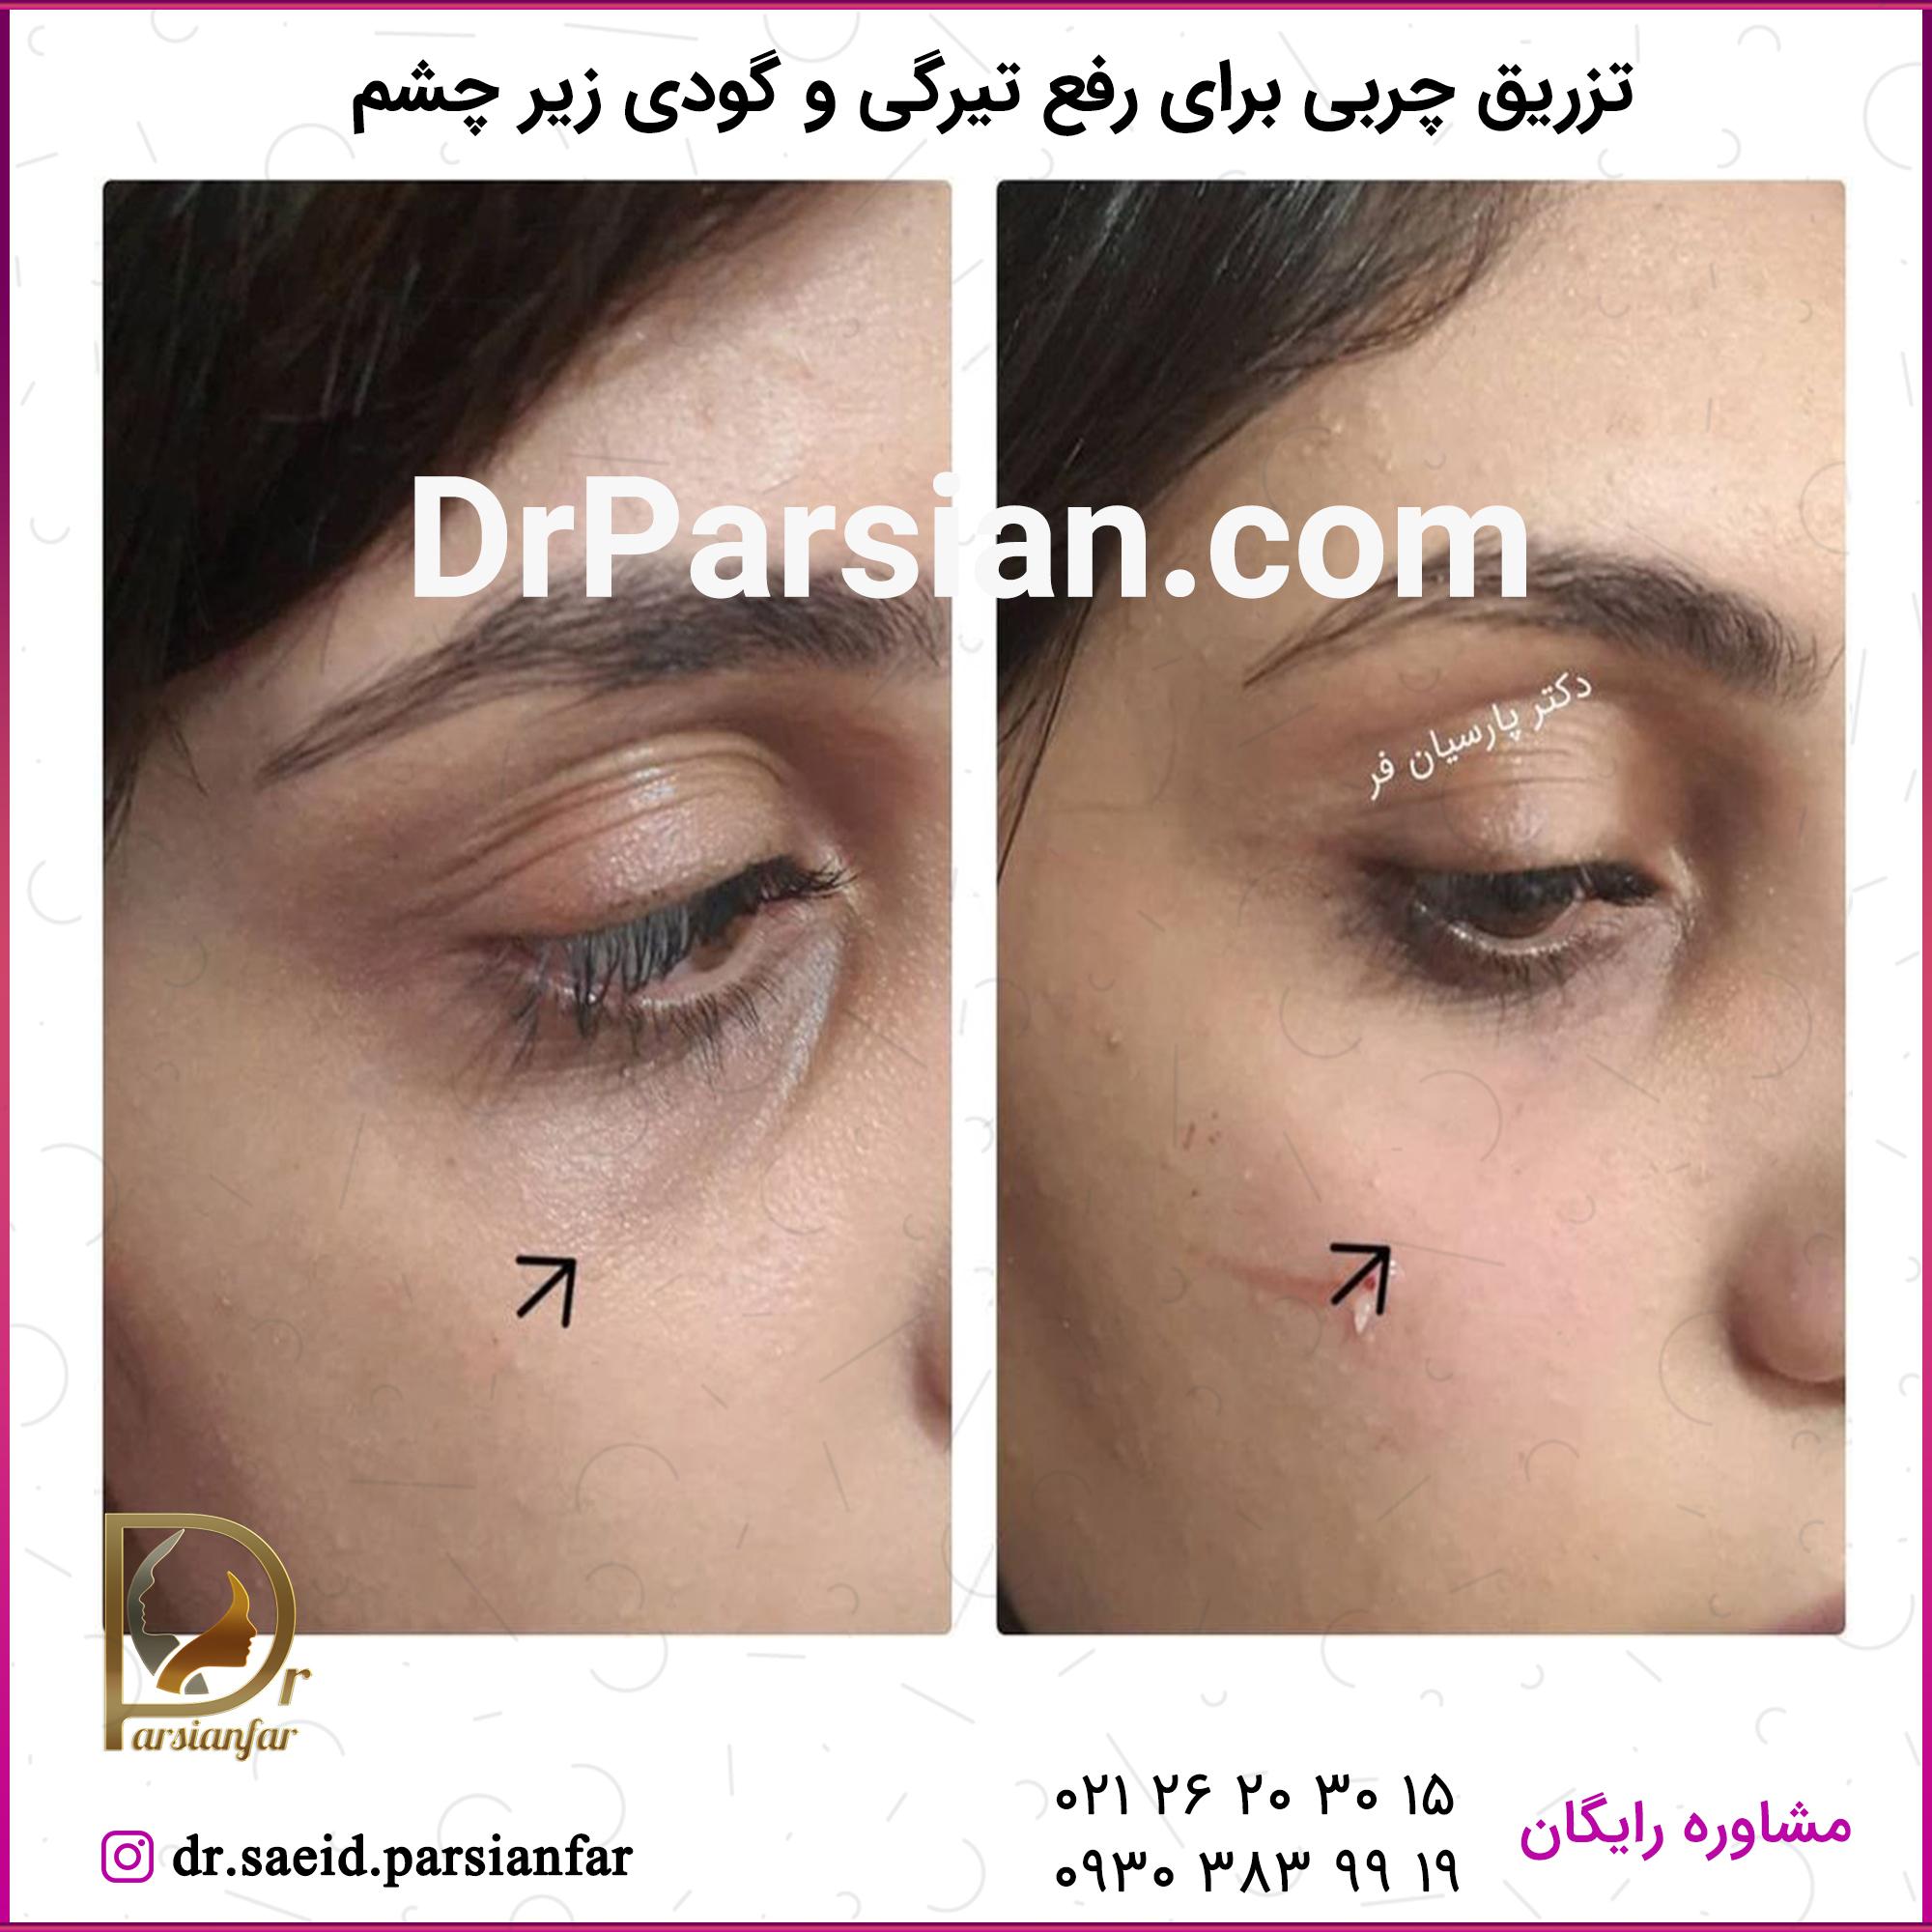 تزریق چربی برای رفع تیرگی و گودی زیر چشم